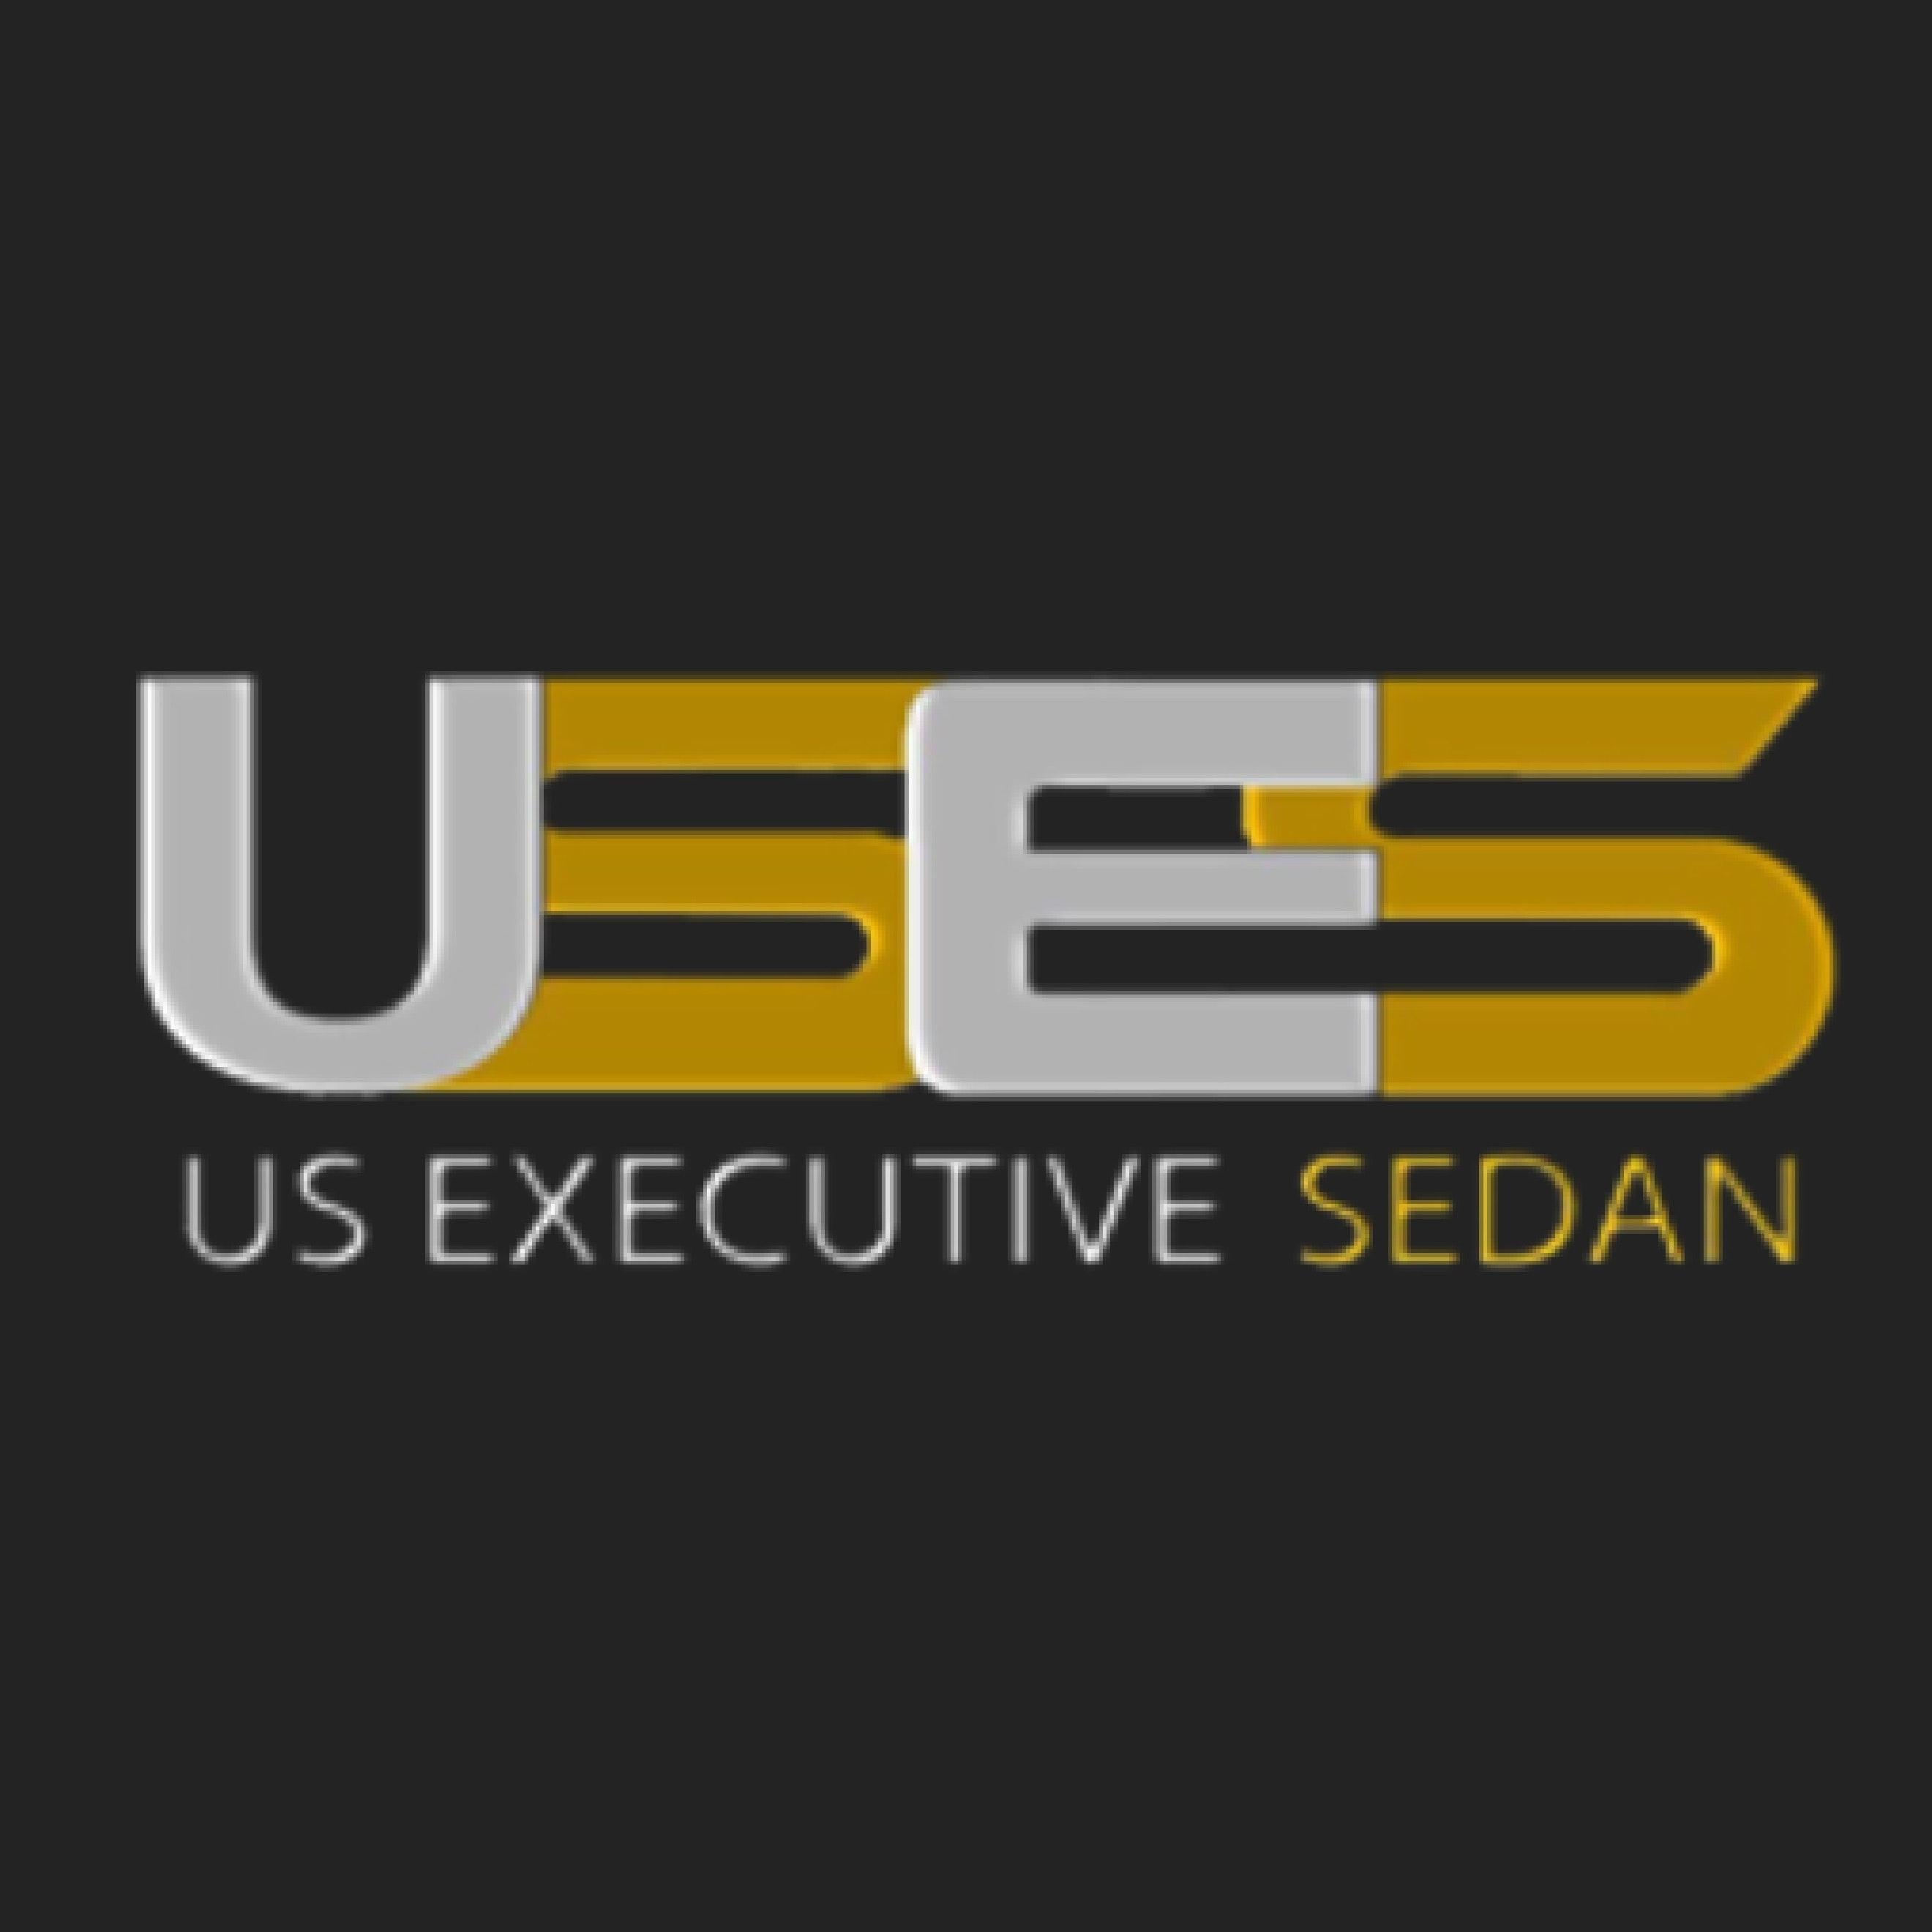 US Executive Sedan